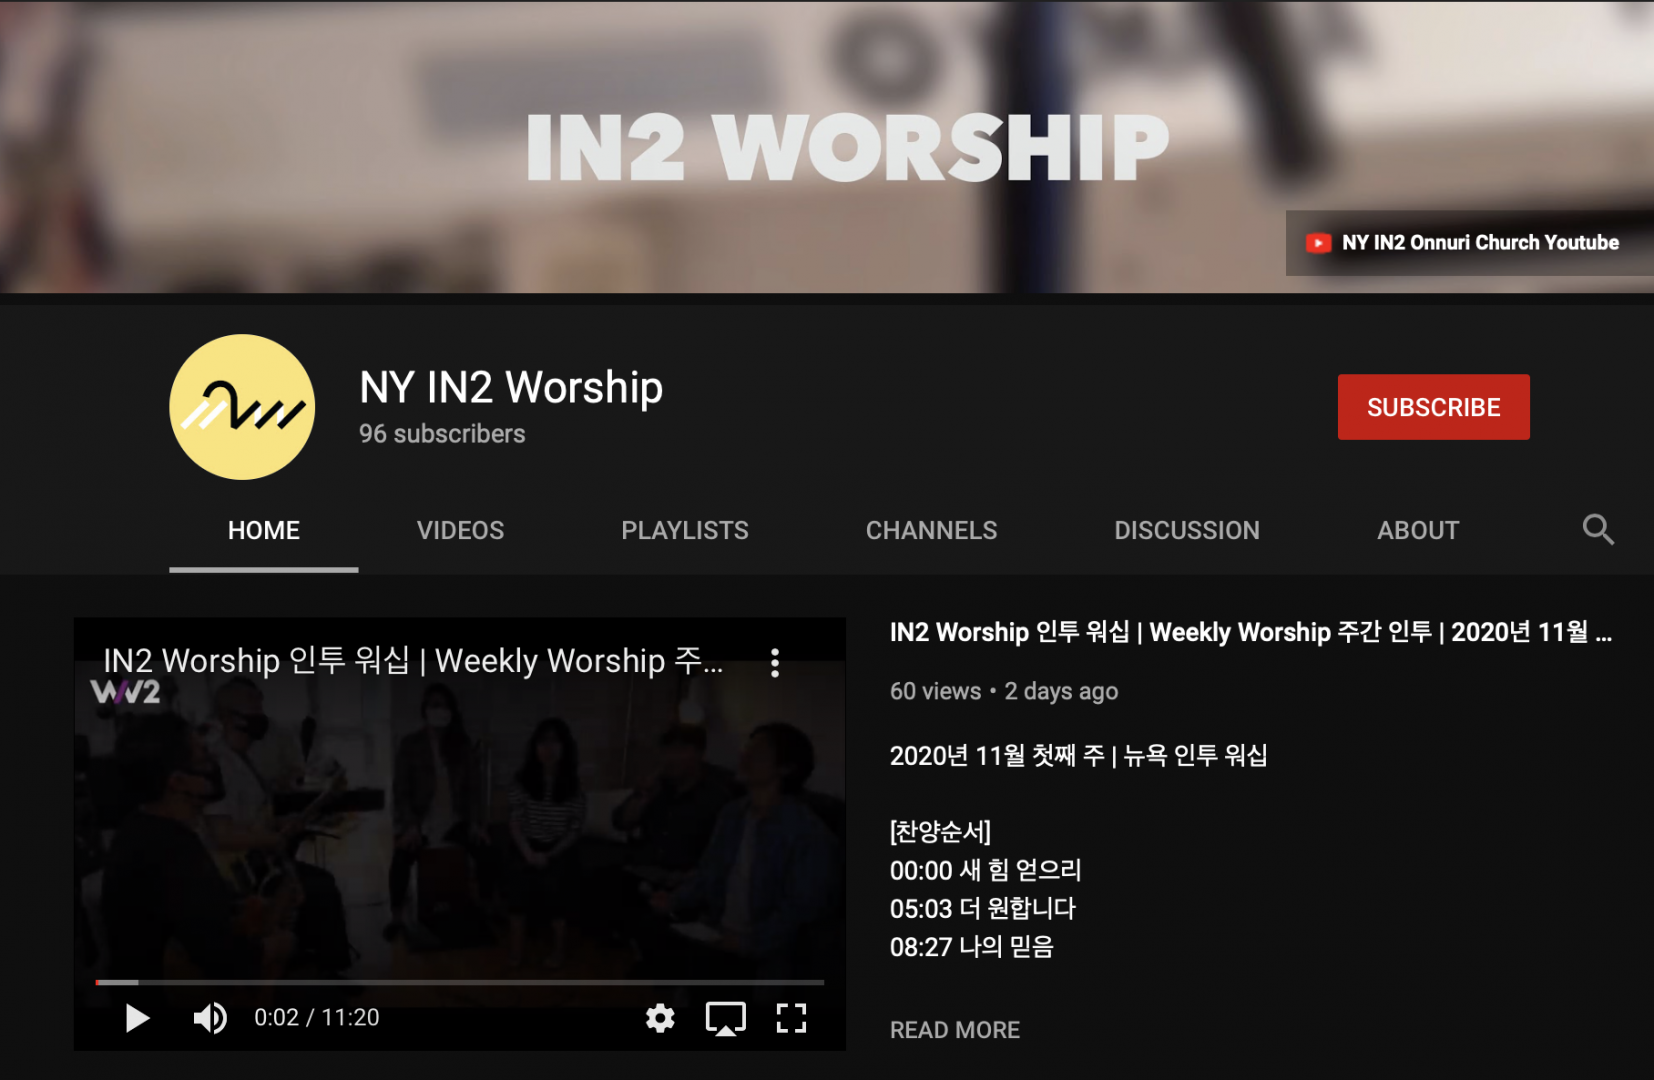 [WIN2] IN2 Worship